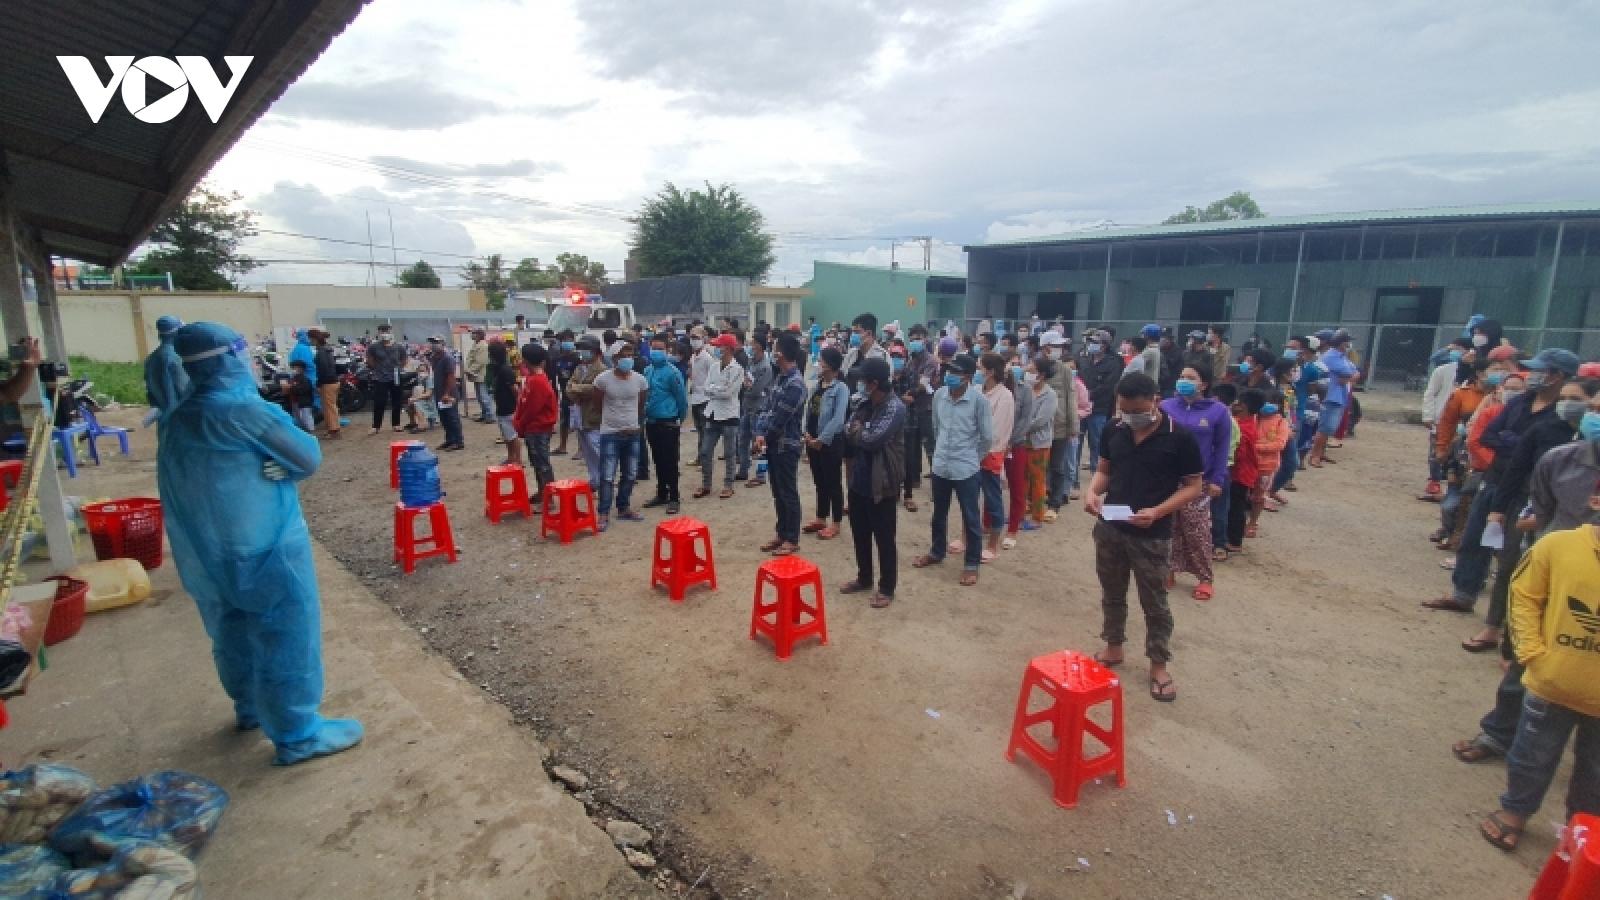 KiênGiangtiếp nhận hơn 300 công dân từ Bà Rịa – Vũng Tàu về quê